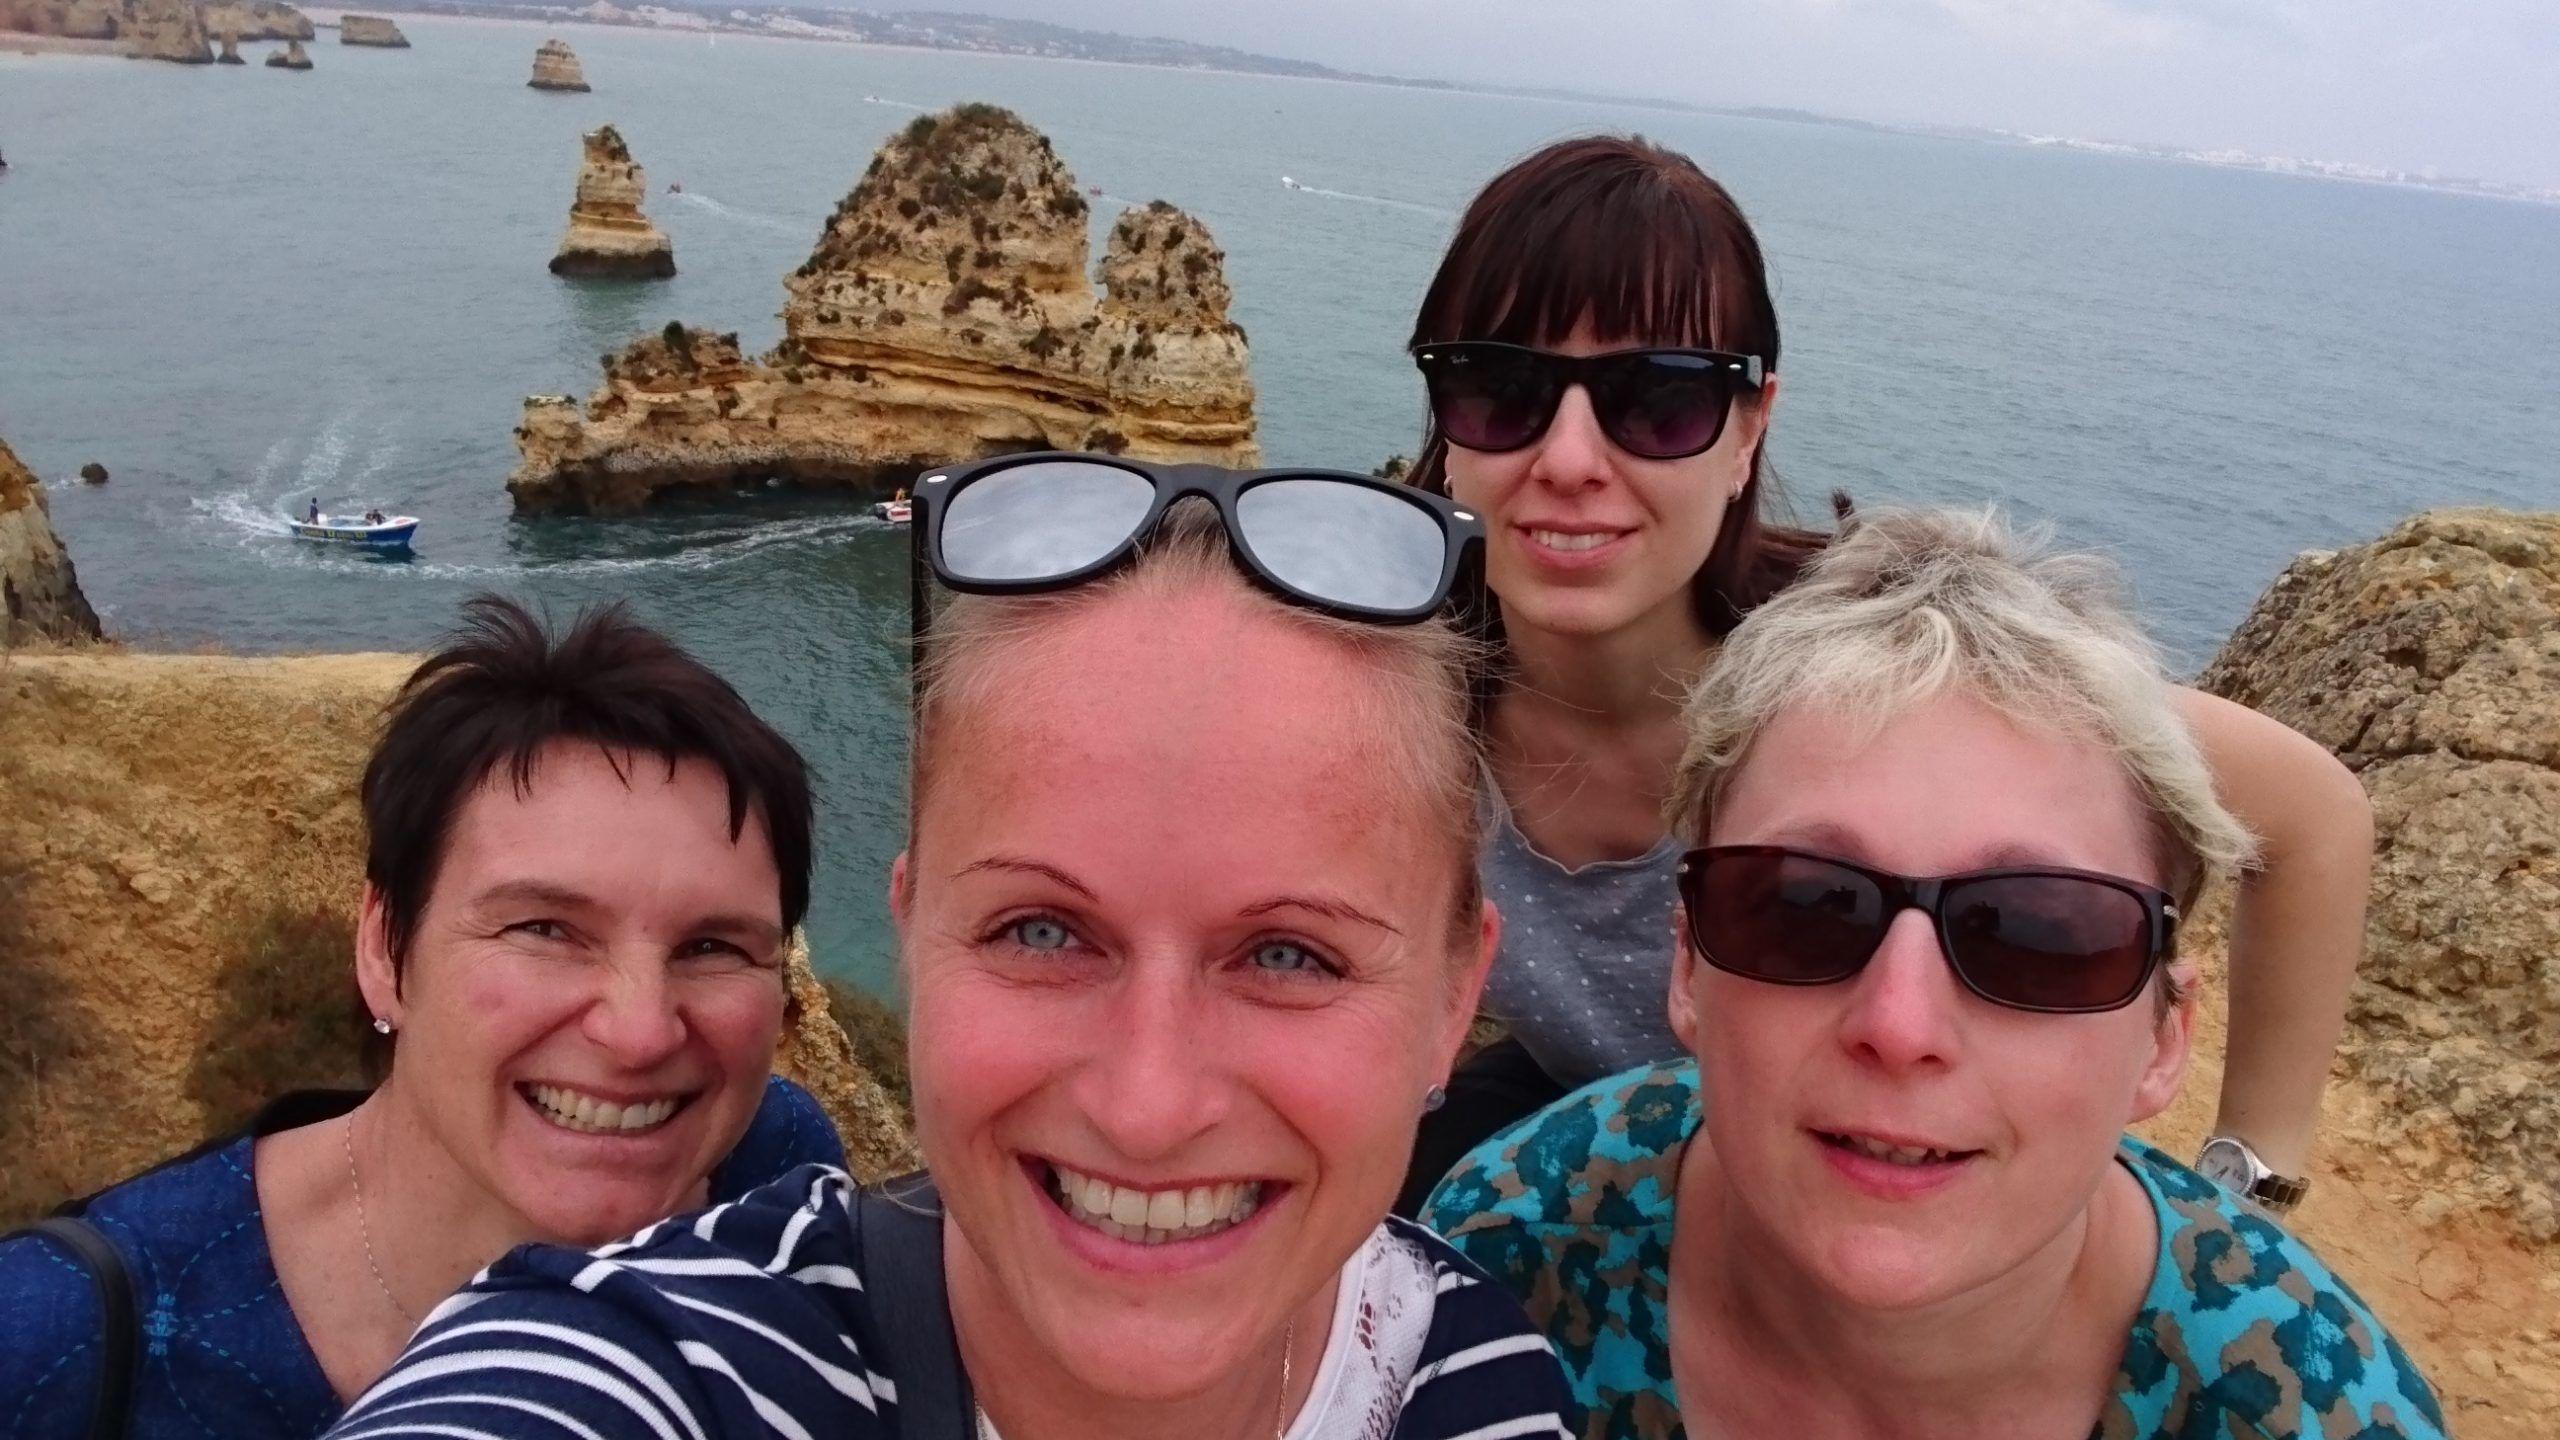 Auf der Suche nach Korfi Liebligshotels in Portugal 2017